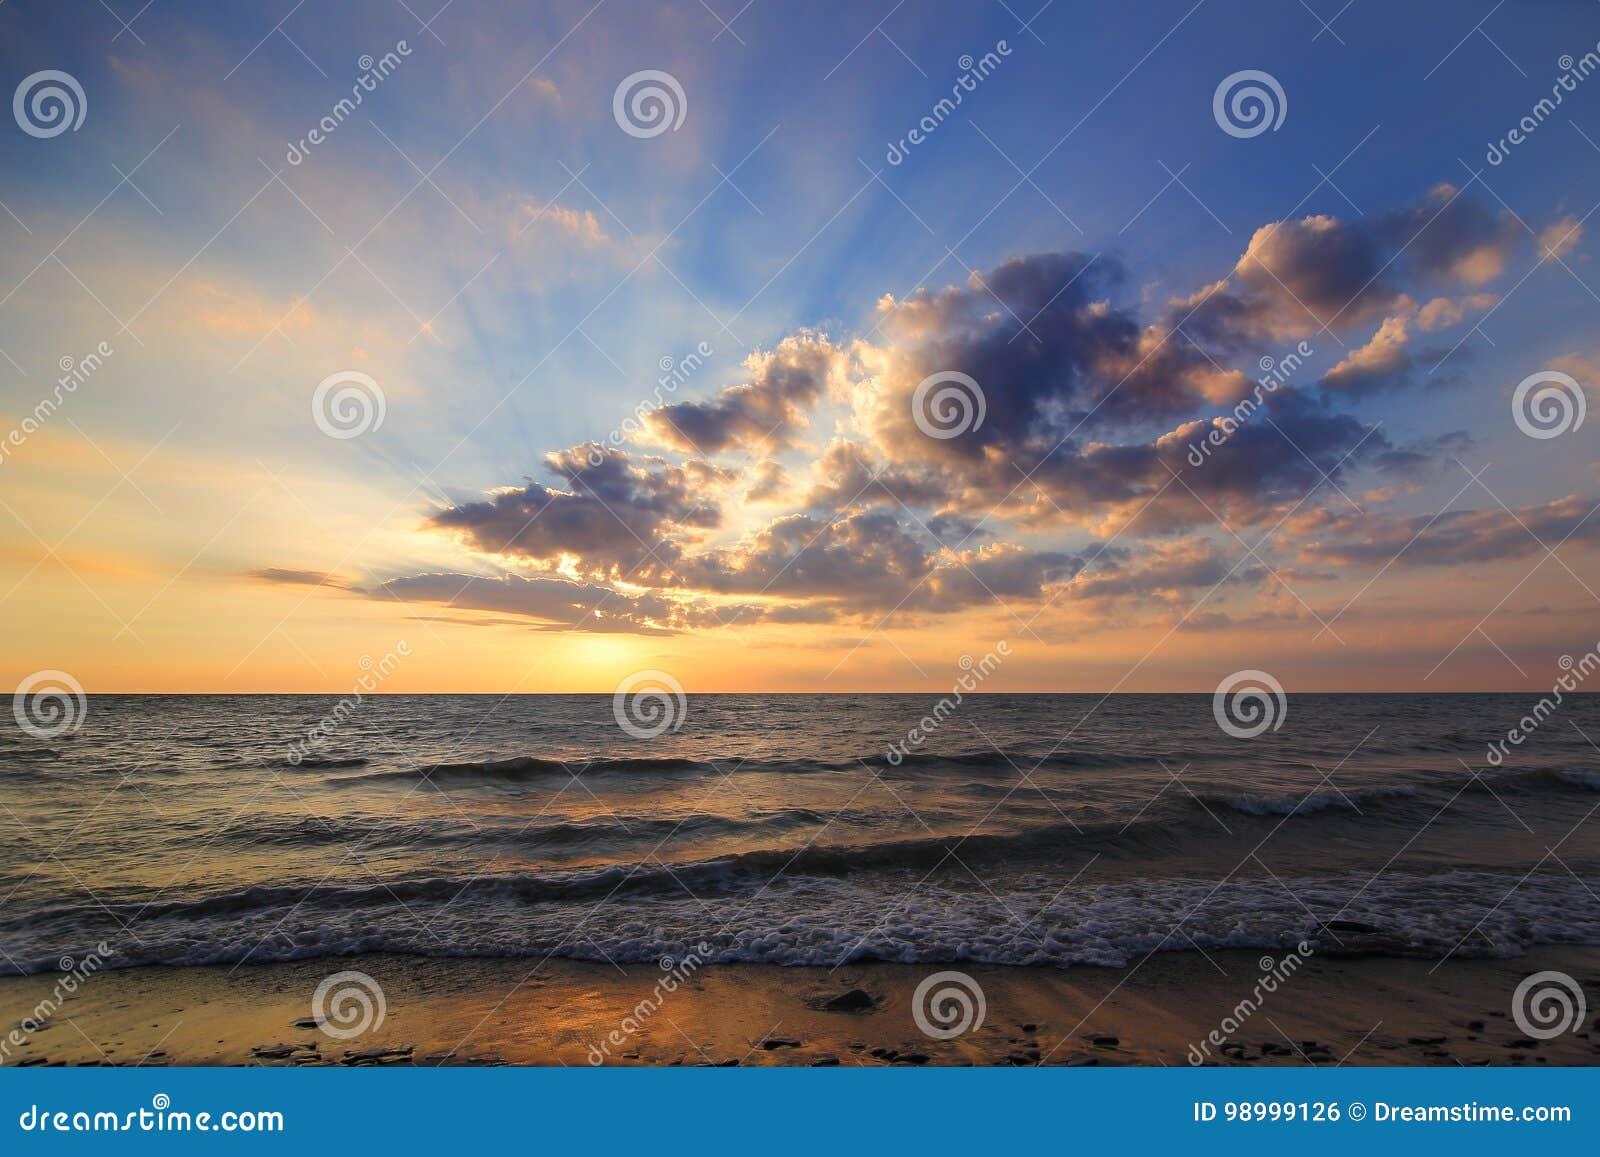 Kall strandsolnedgång som är varm och